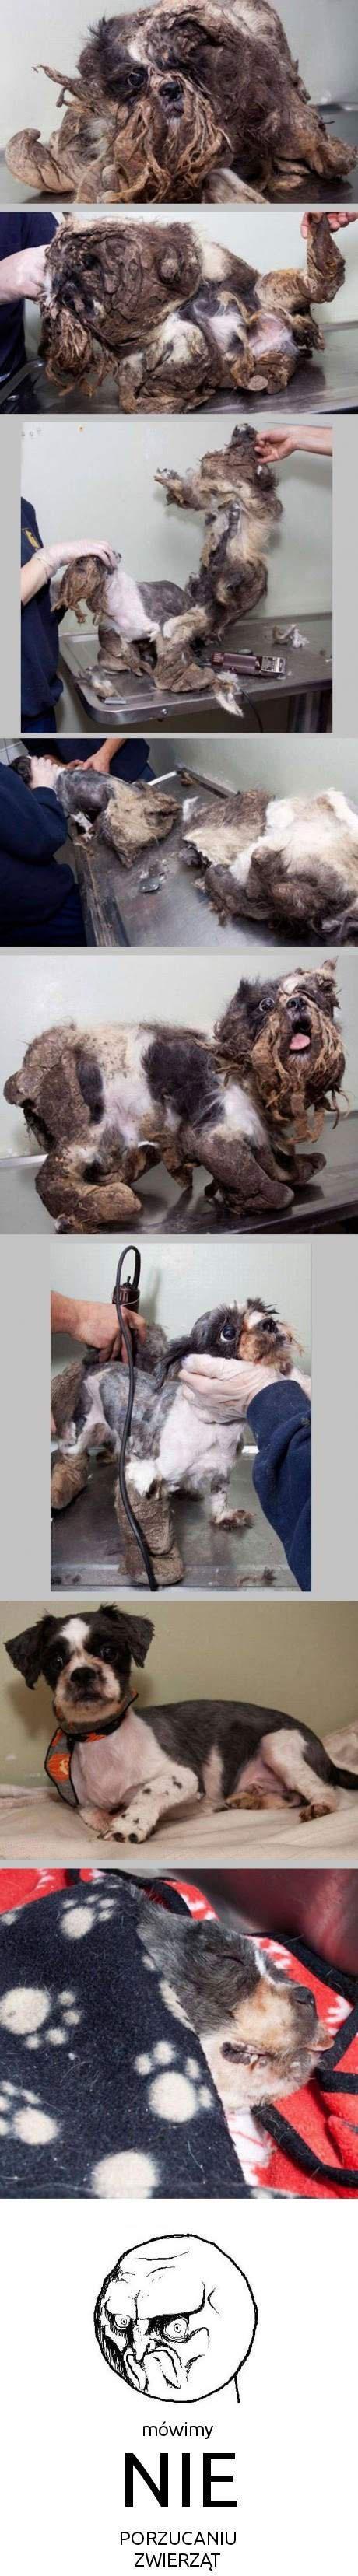 mówimy NIE porzucaniu zwierząt!